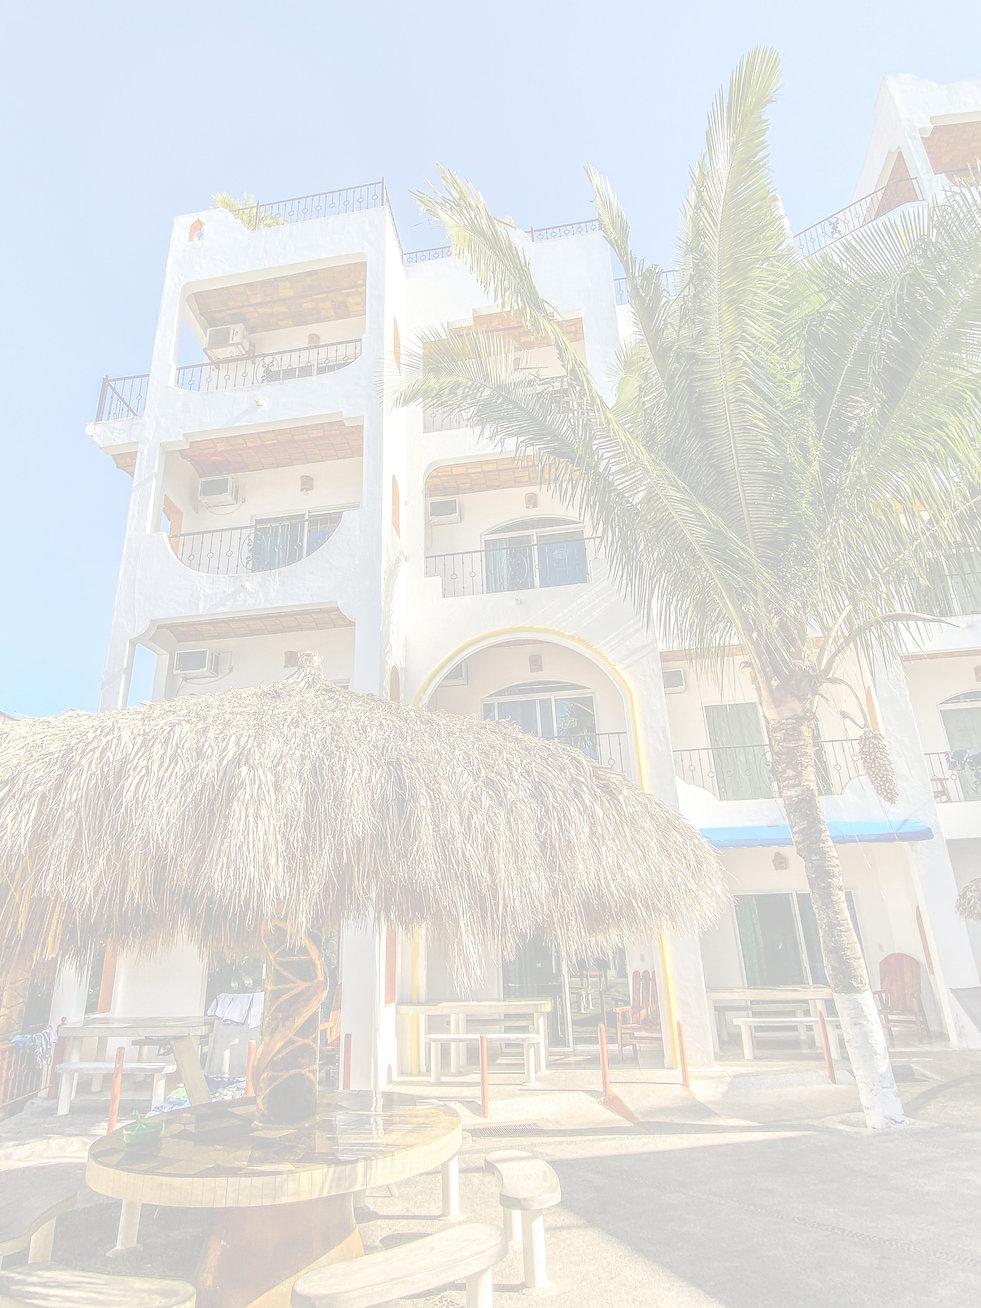 Hotel_Loma_Linda_edited_edited.jpg